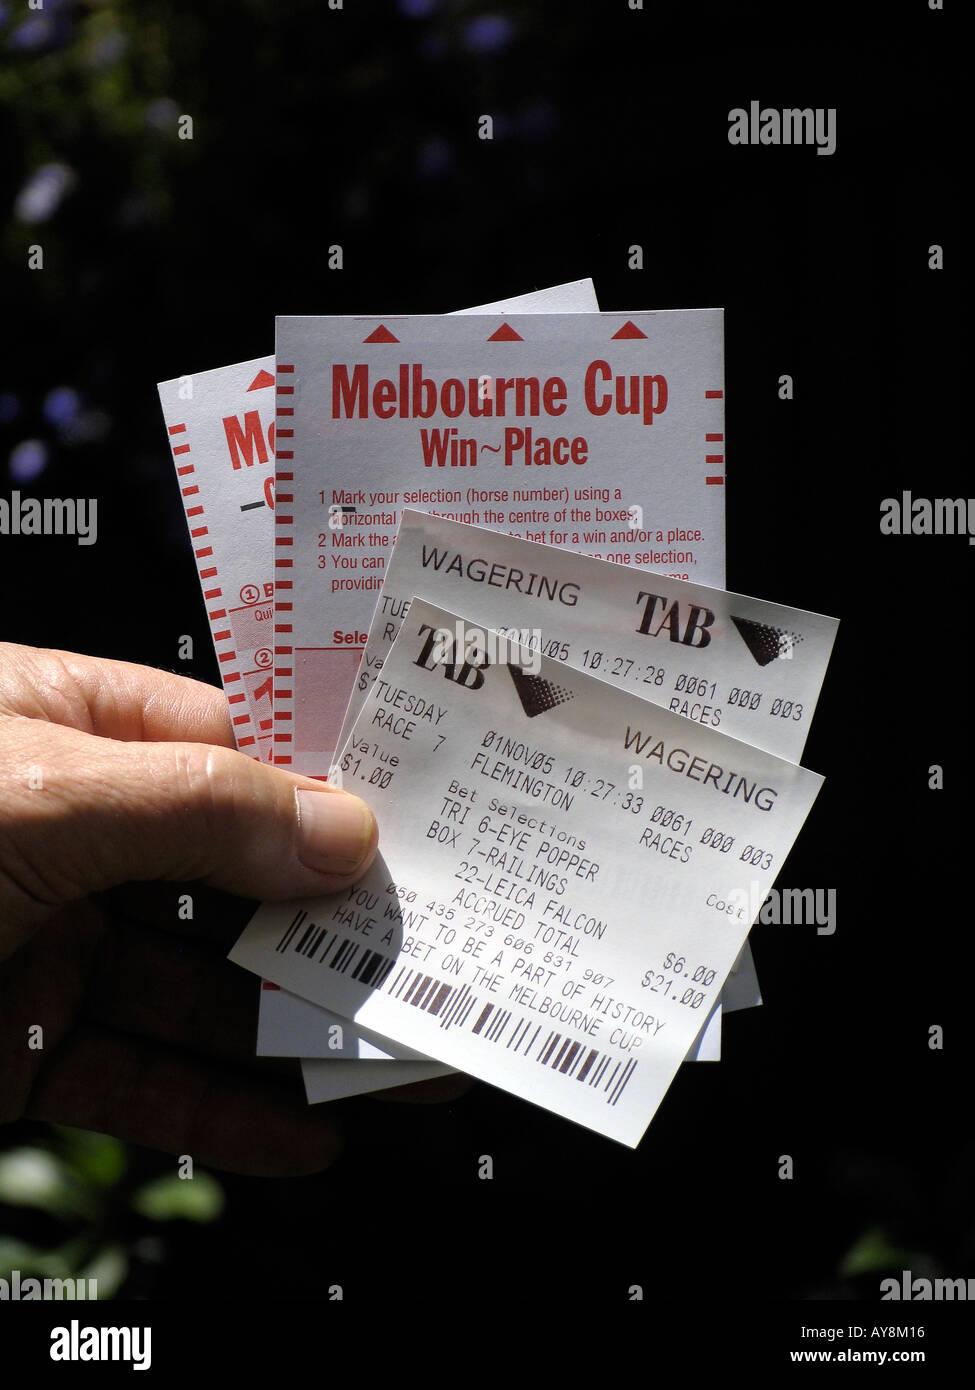 Online sex cards in Melbourne